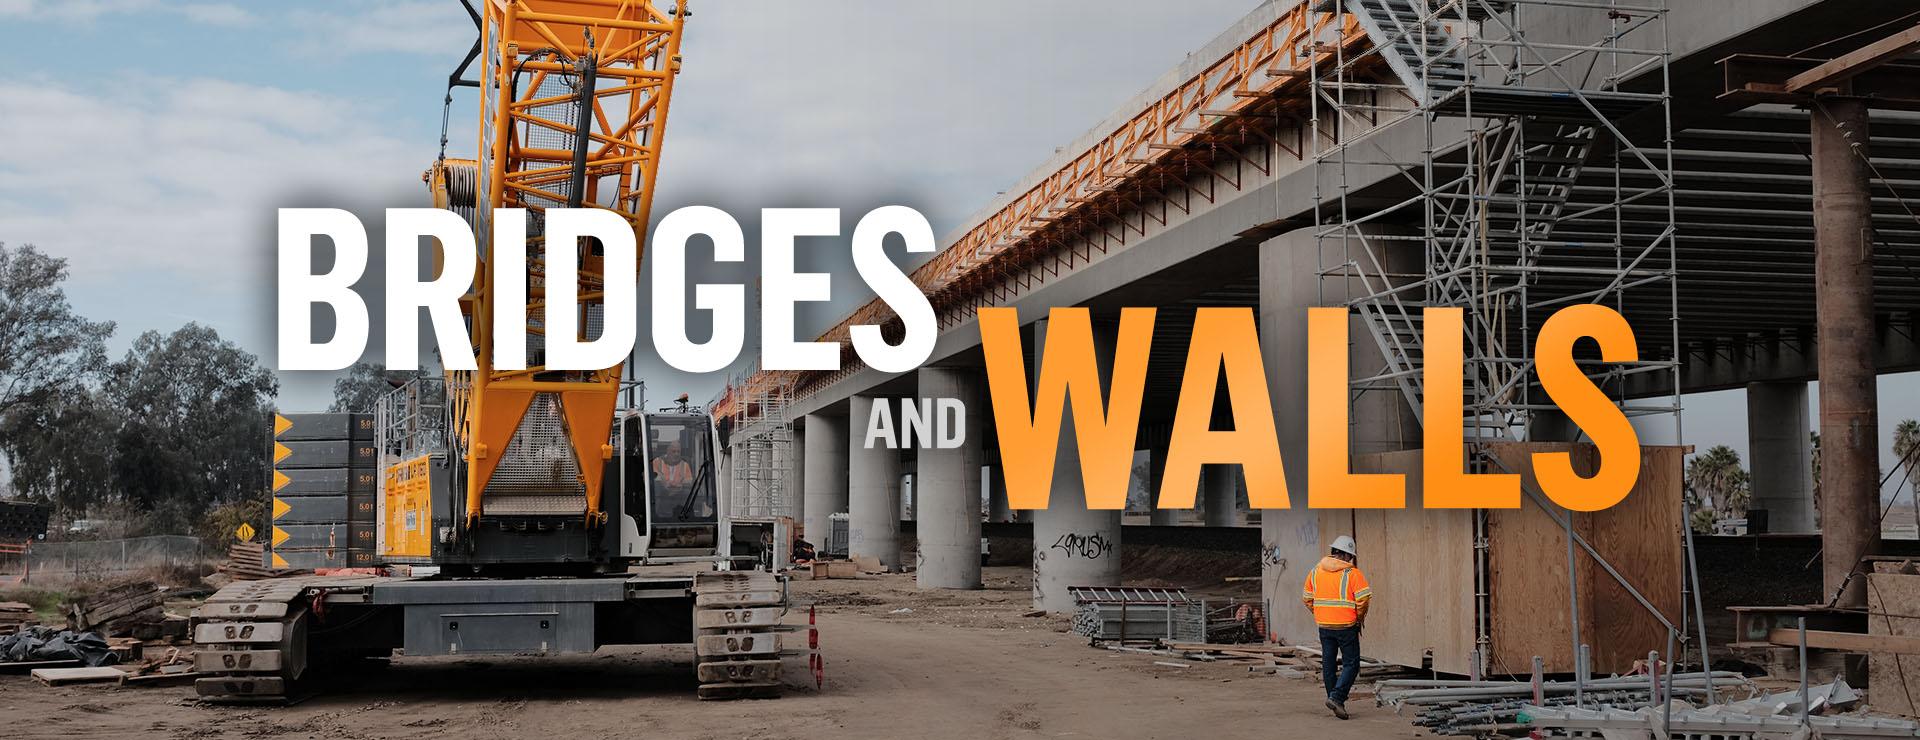 Bridges and Walls